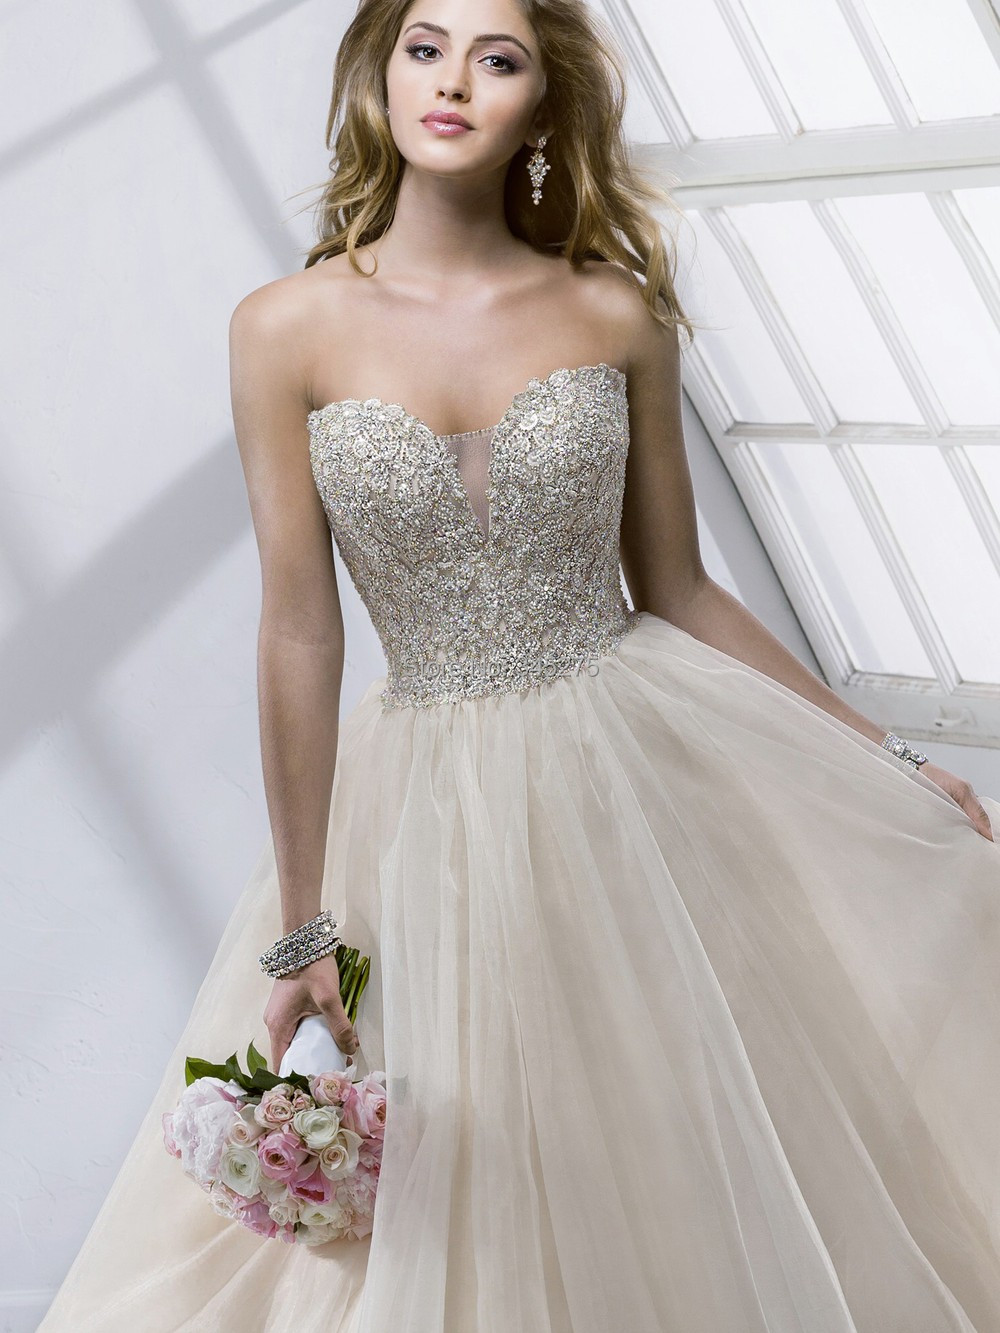 Los mejores vestidos de novia de tamaño extra grande de las novias